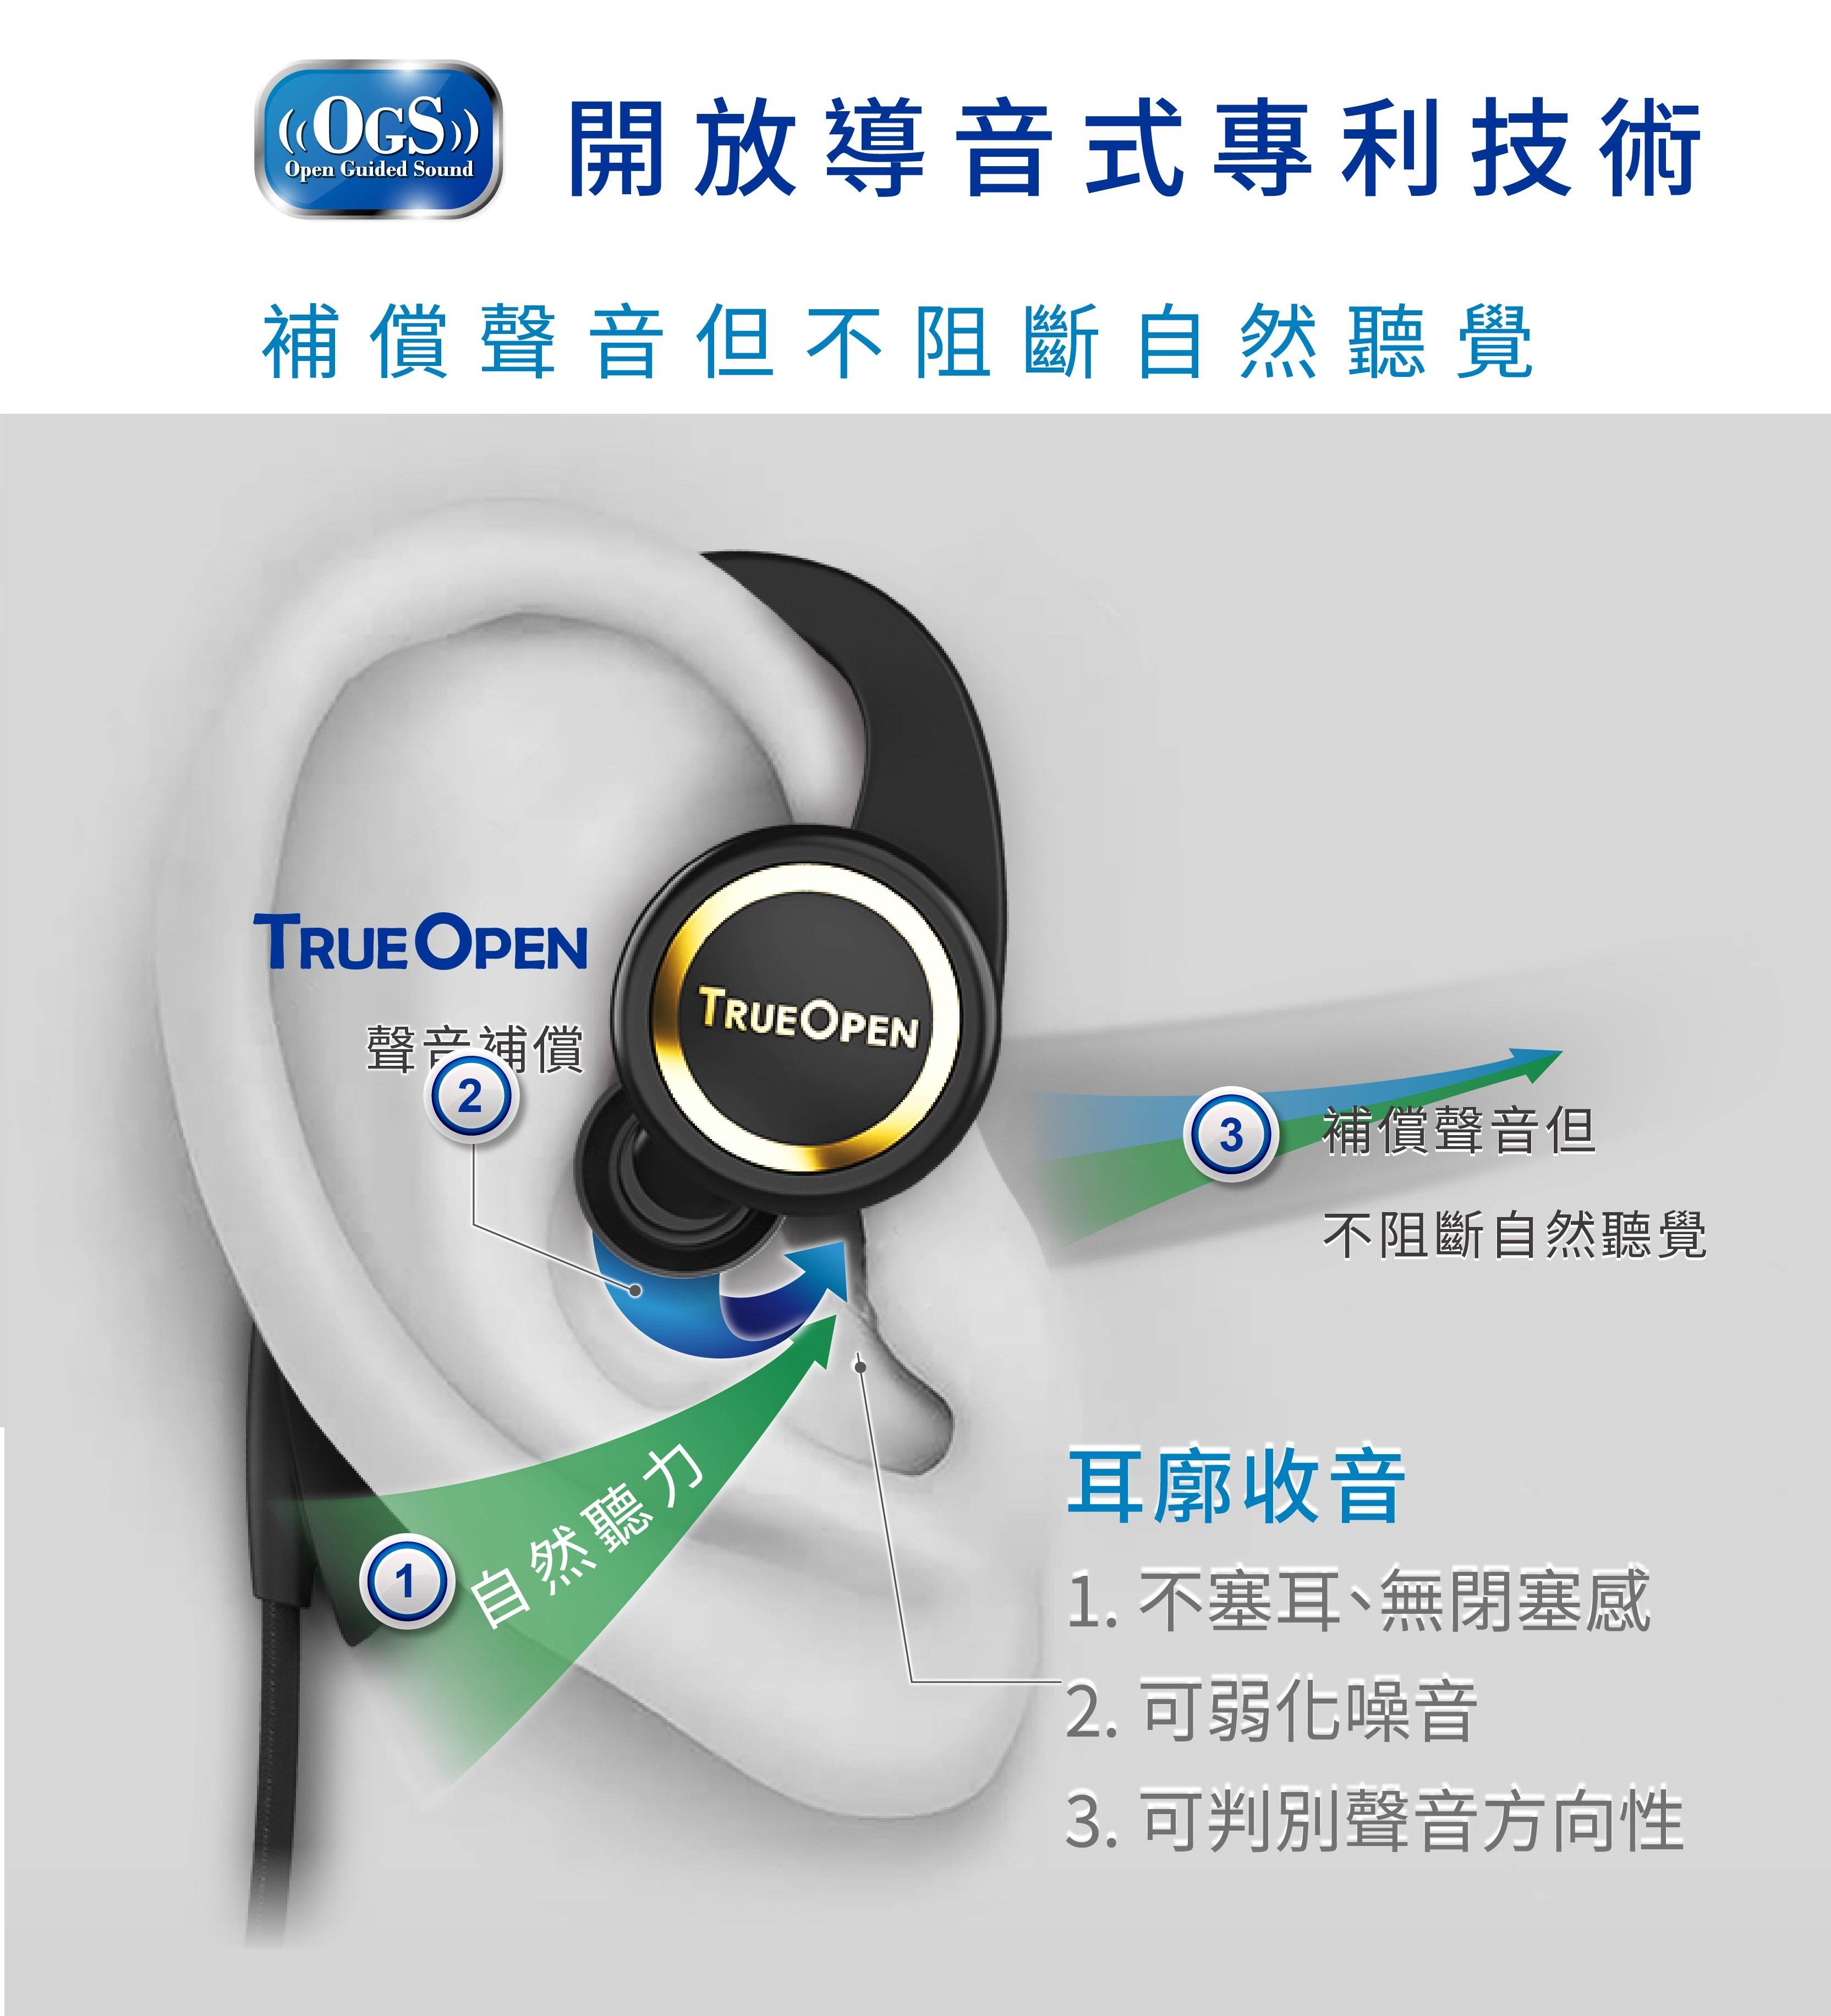 開放導音式專利技術 補償但不阻斷自然聽覺